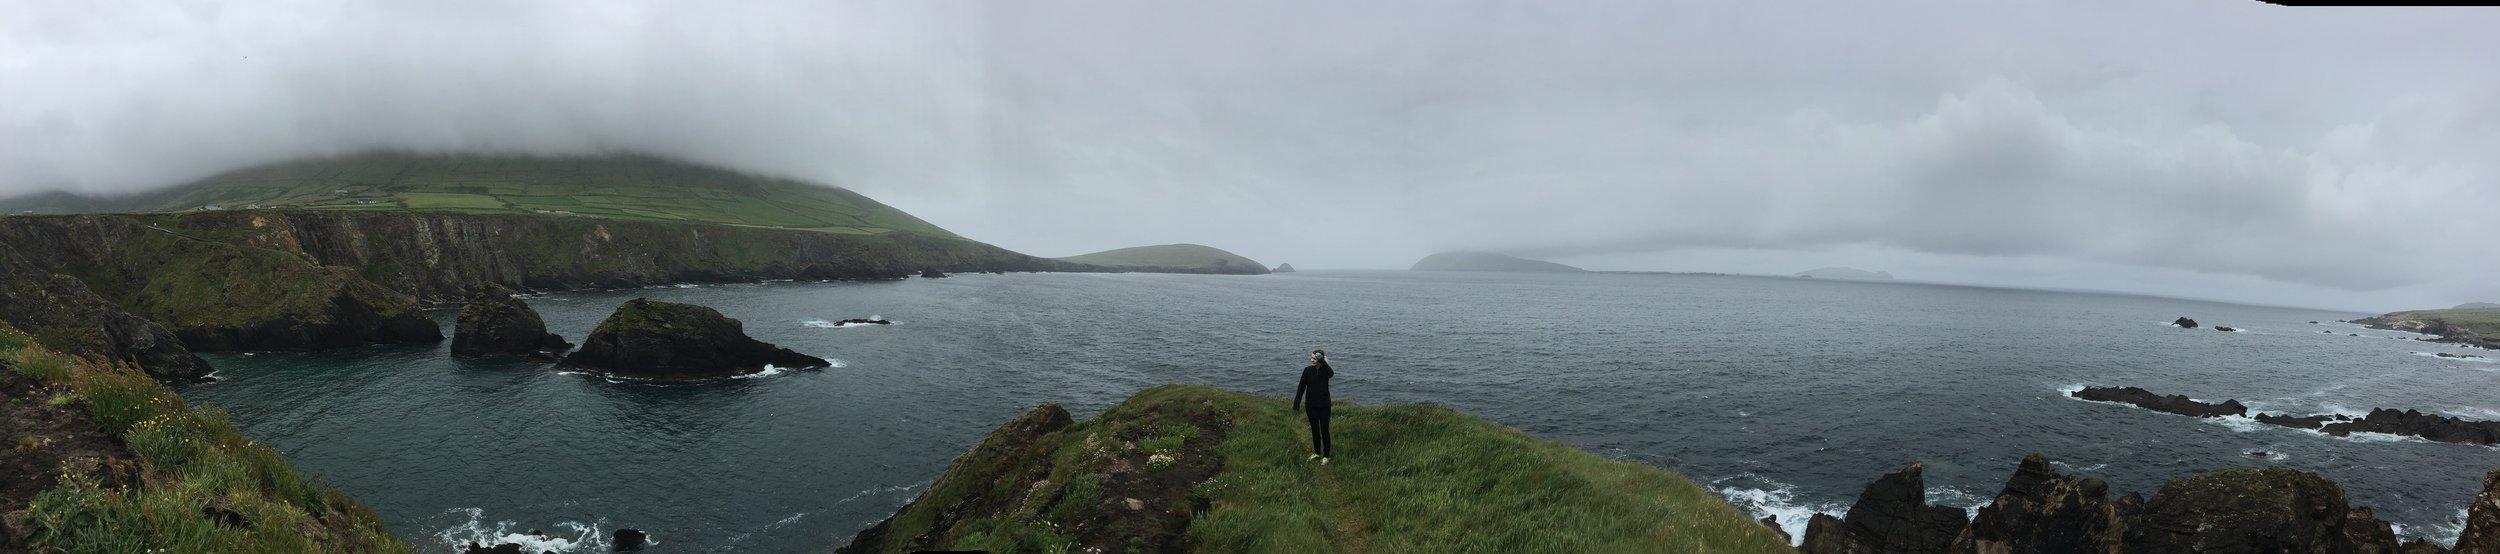 Slea Head Drive - Dingle, Peninsula, County Kerry, Ireland - 7 days in Ireland Itinerary